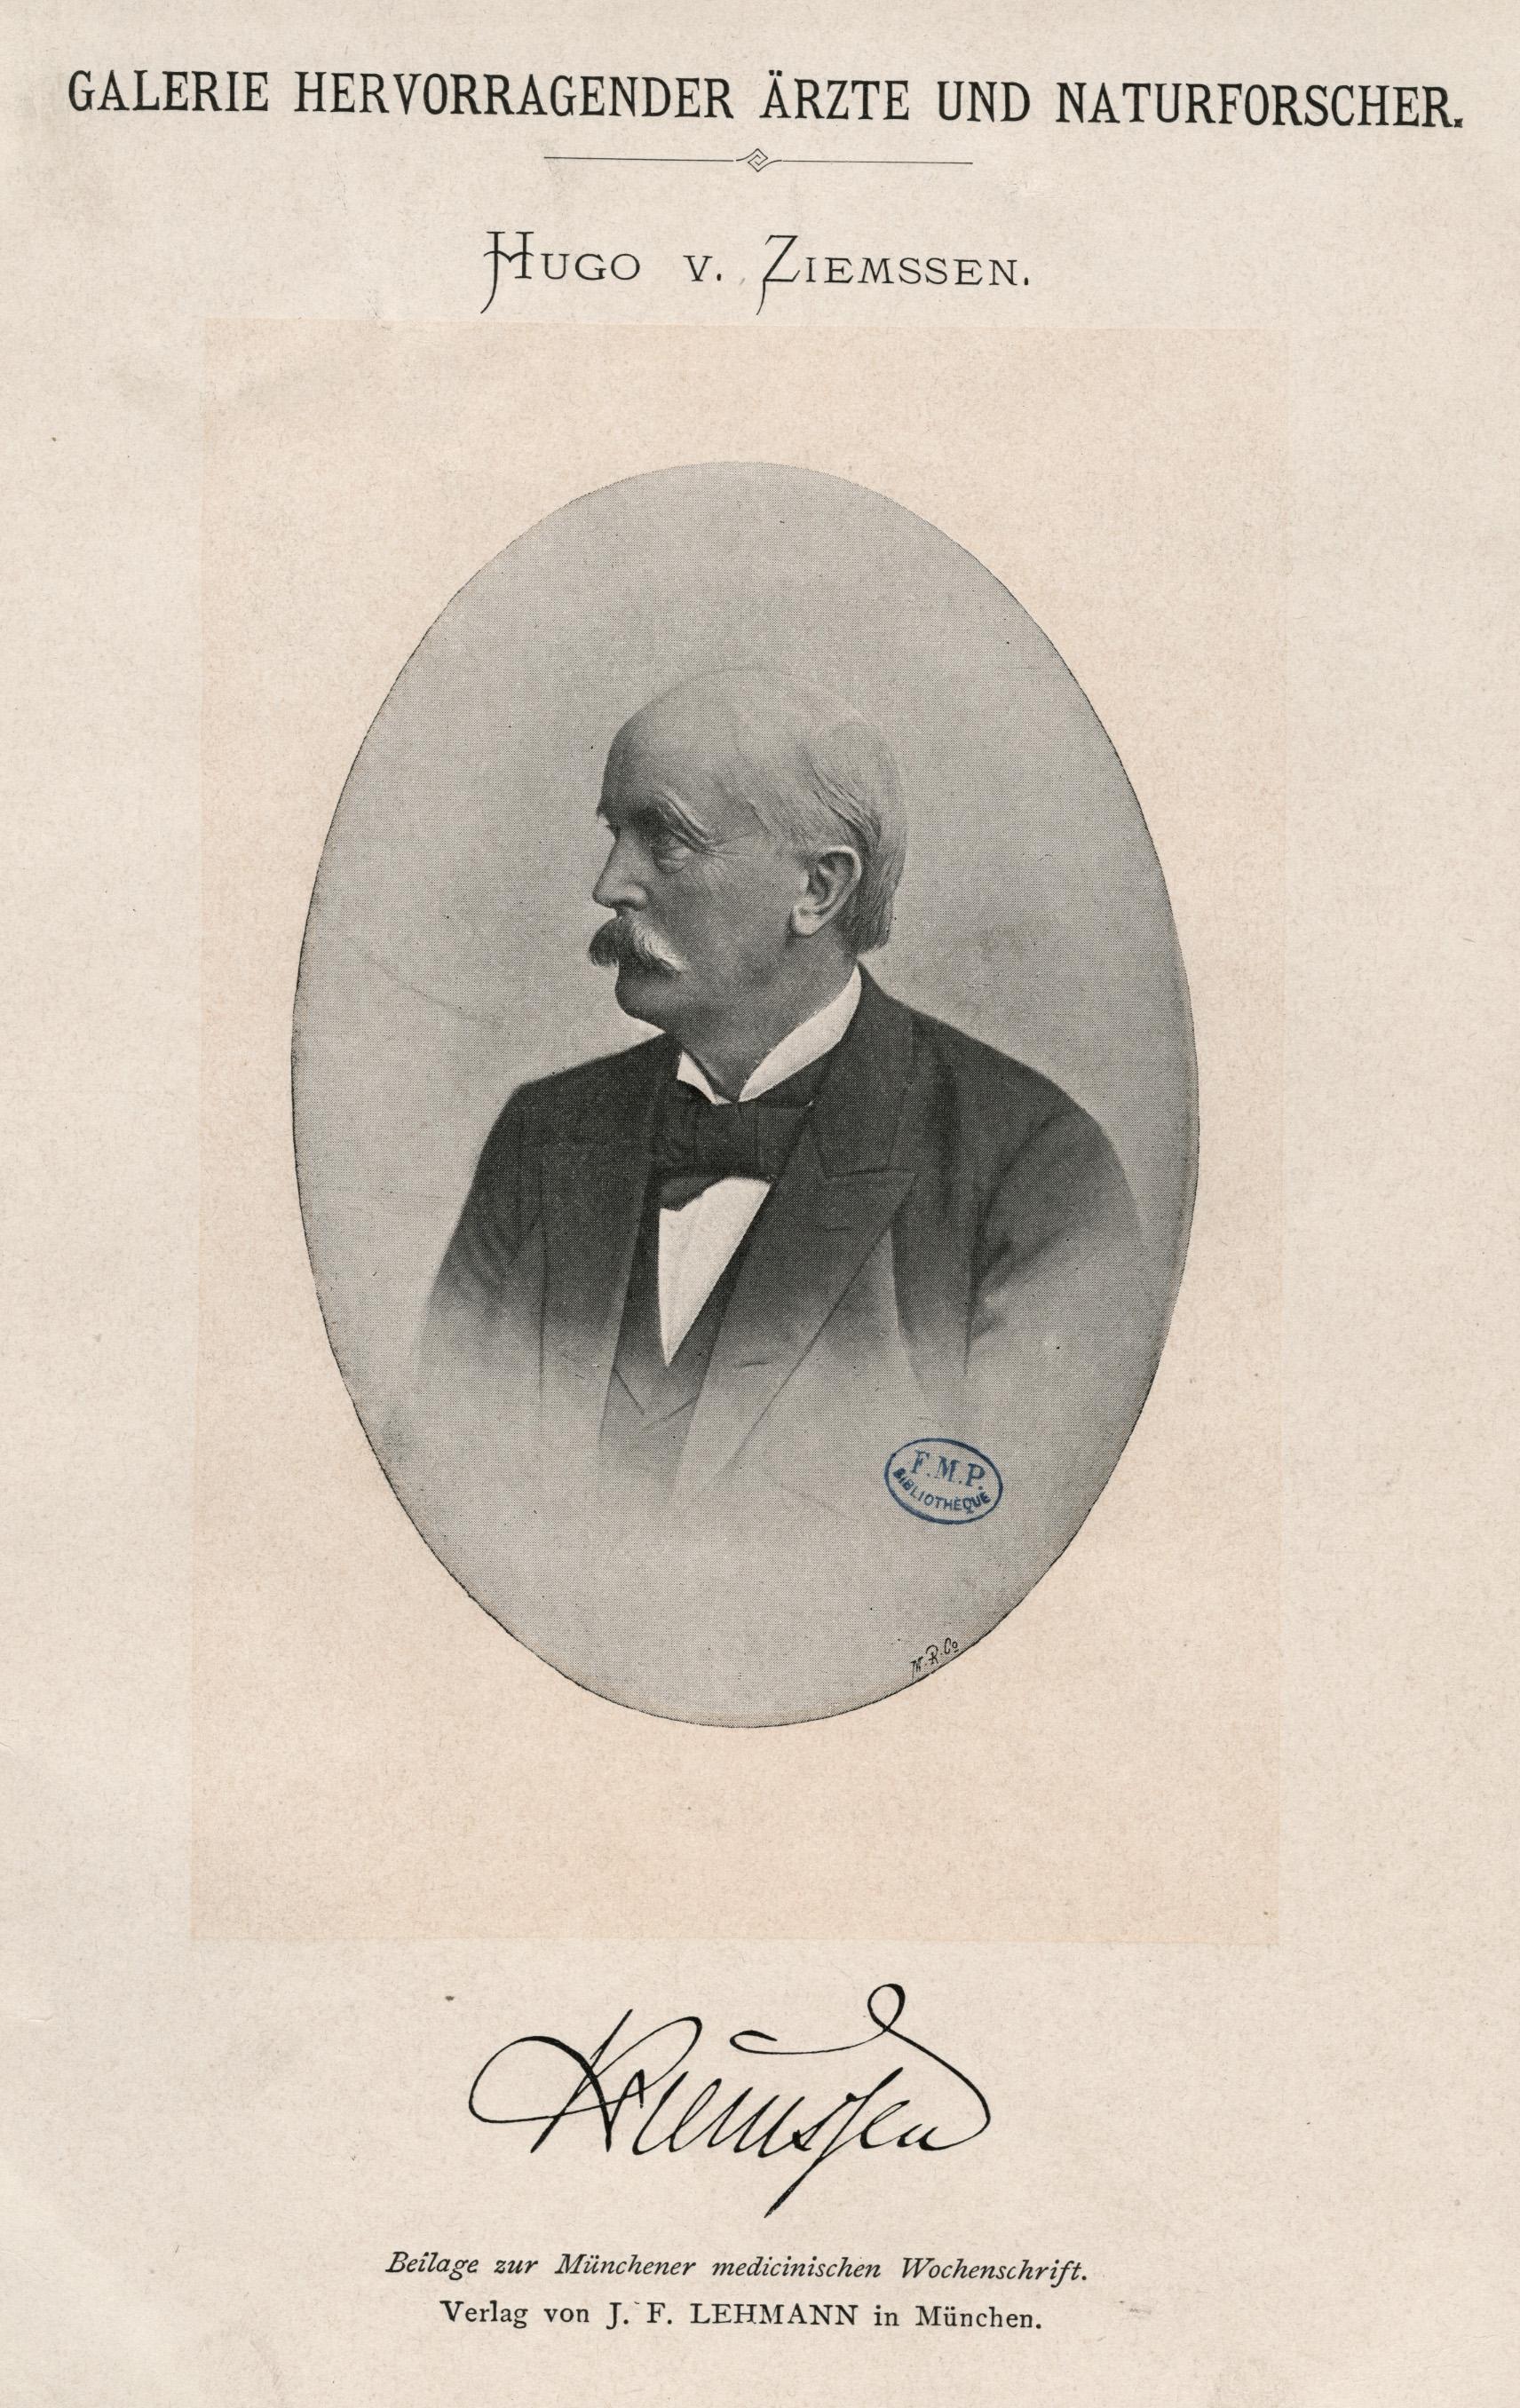 Hugo Wilhelm von Ziemssen